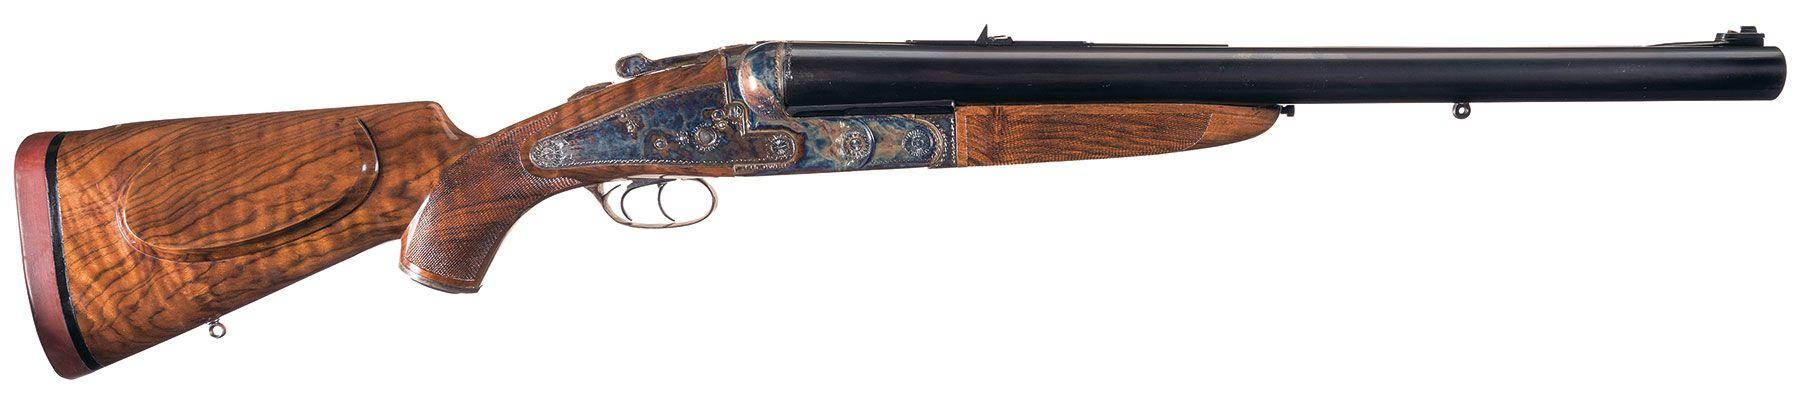 Ken Owen REWA double rifle